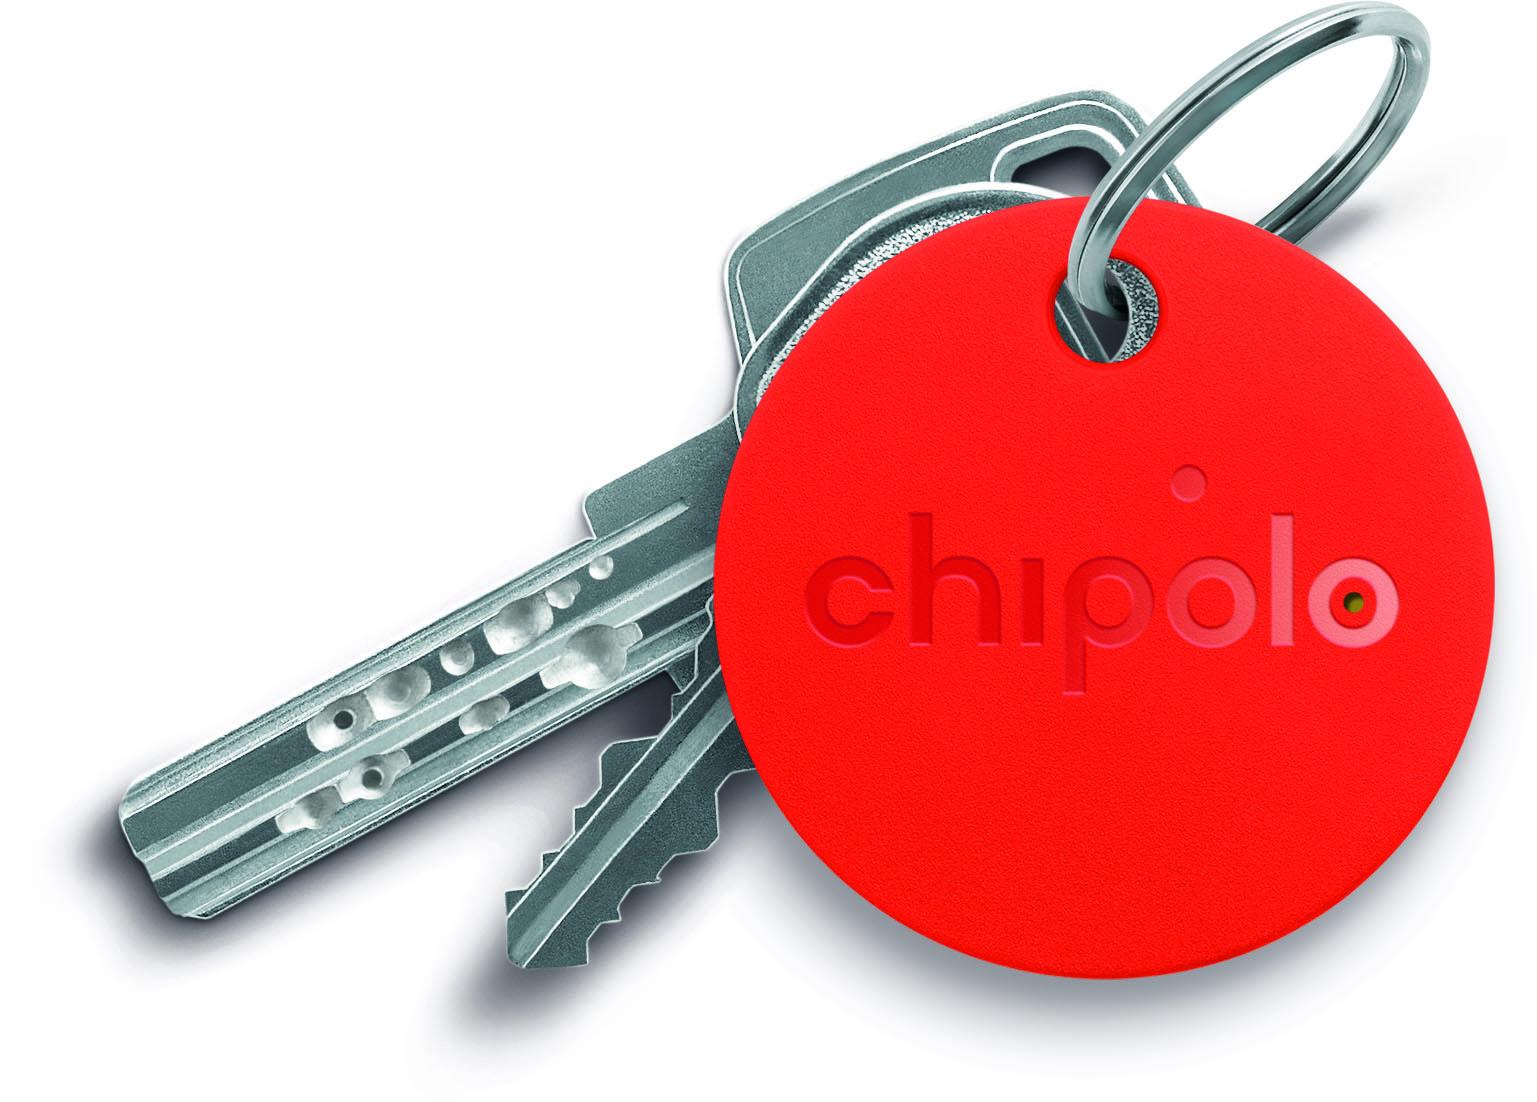 Chipolo na klíčích